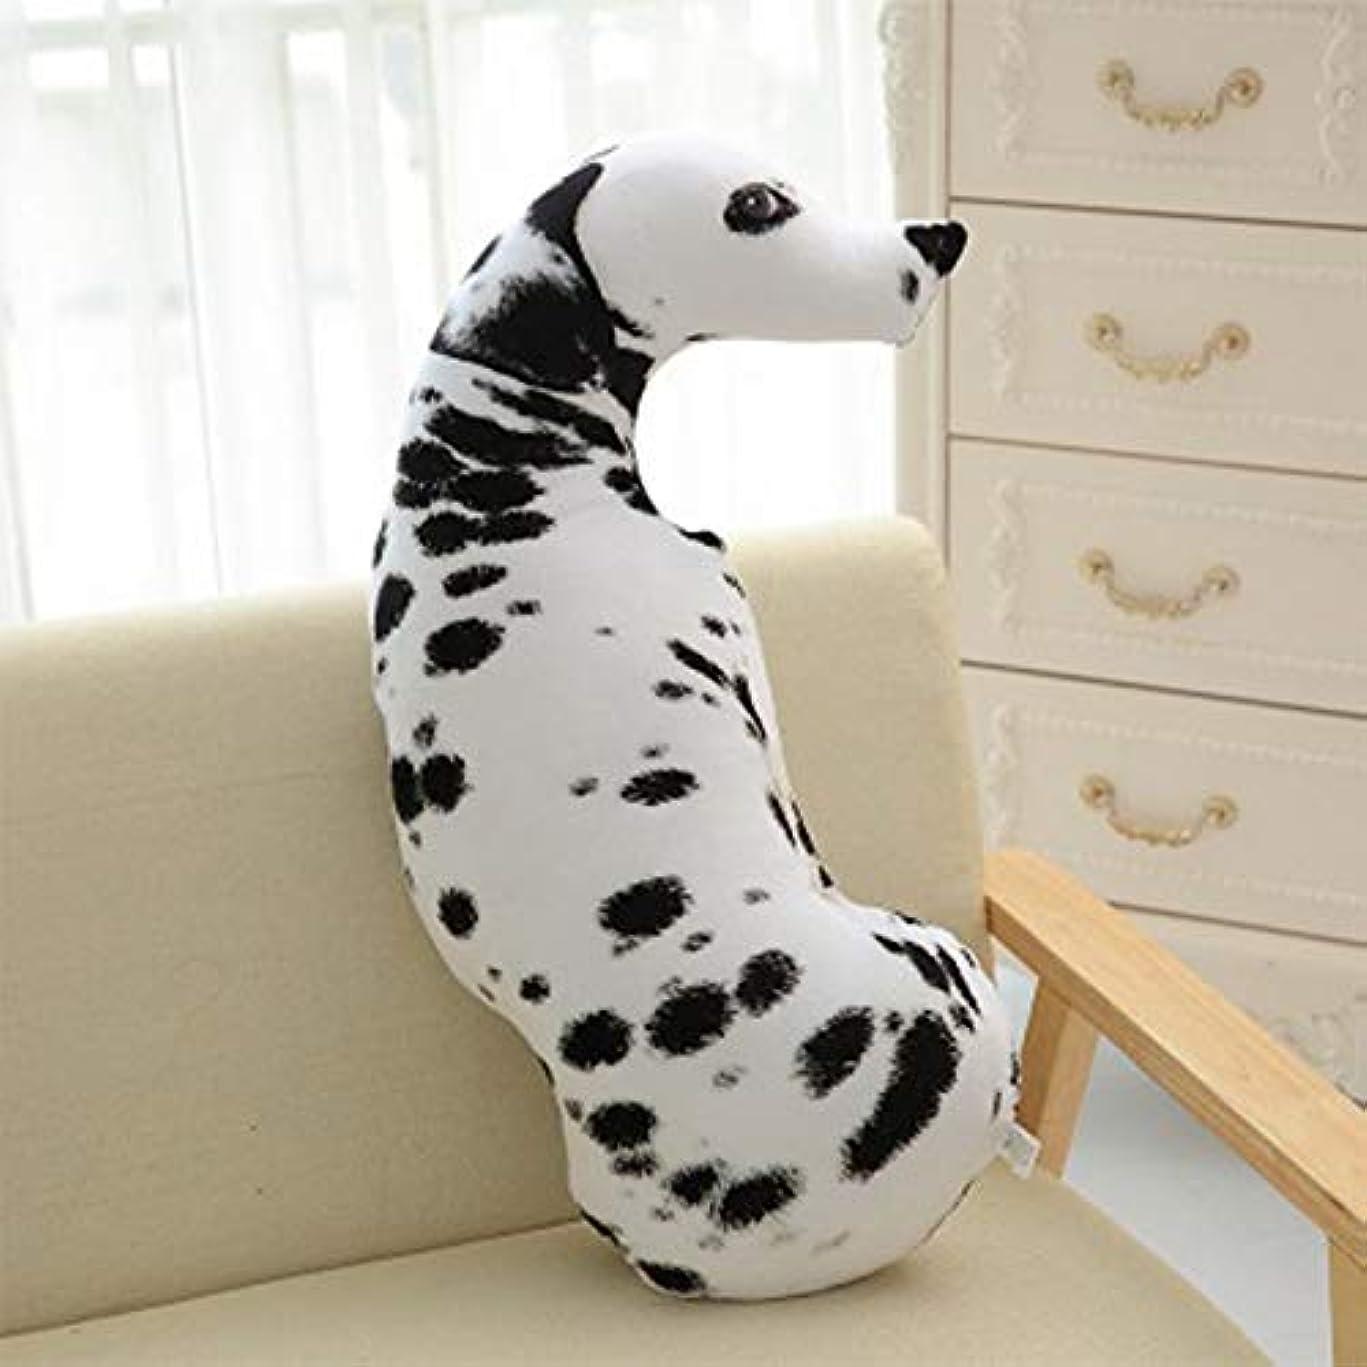 頑張る承認とてもLIFE 3D プリントシミュレーション犬ぬいぐるみクッションぬいぐるみ犬ぬいぐるみ枕ぬいぐるみの漫画クッションキッズ人形ベストギフト クッション 椅子